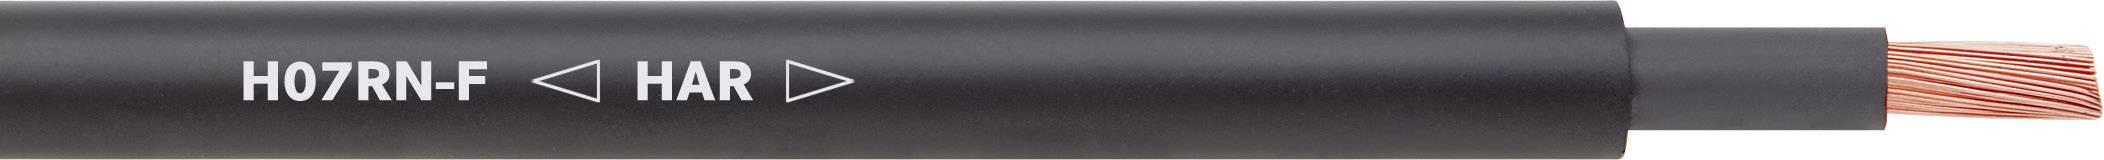 Připojovací kabel LappKabel H07RN-F, 1600103, 3 G 1.50 mm², černá, 100 m